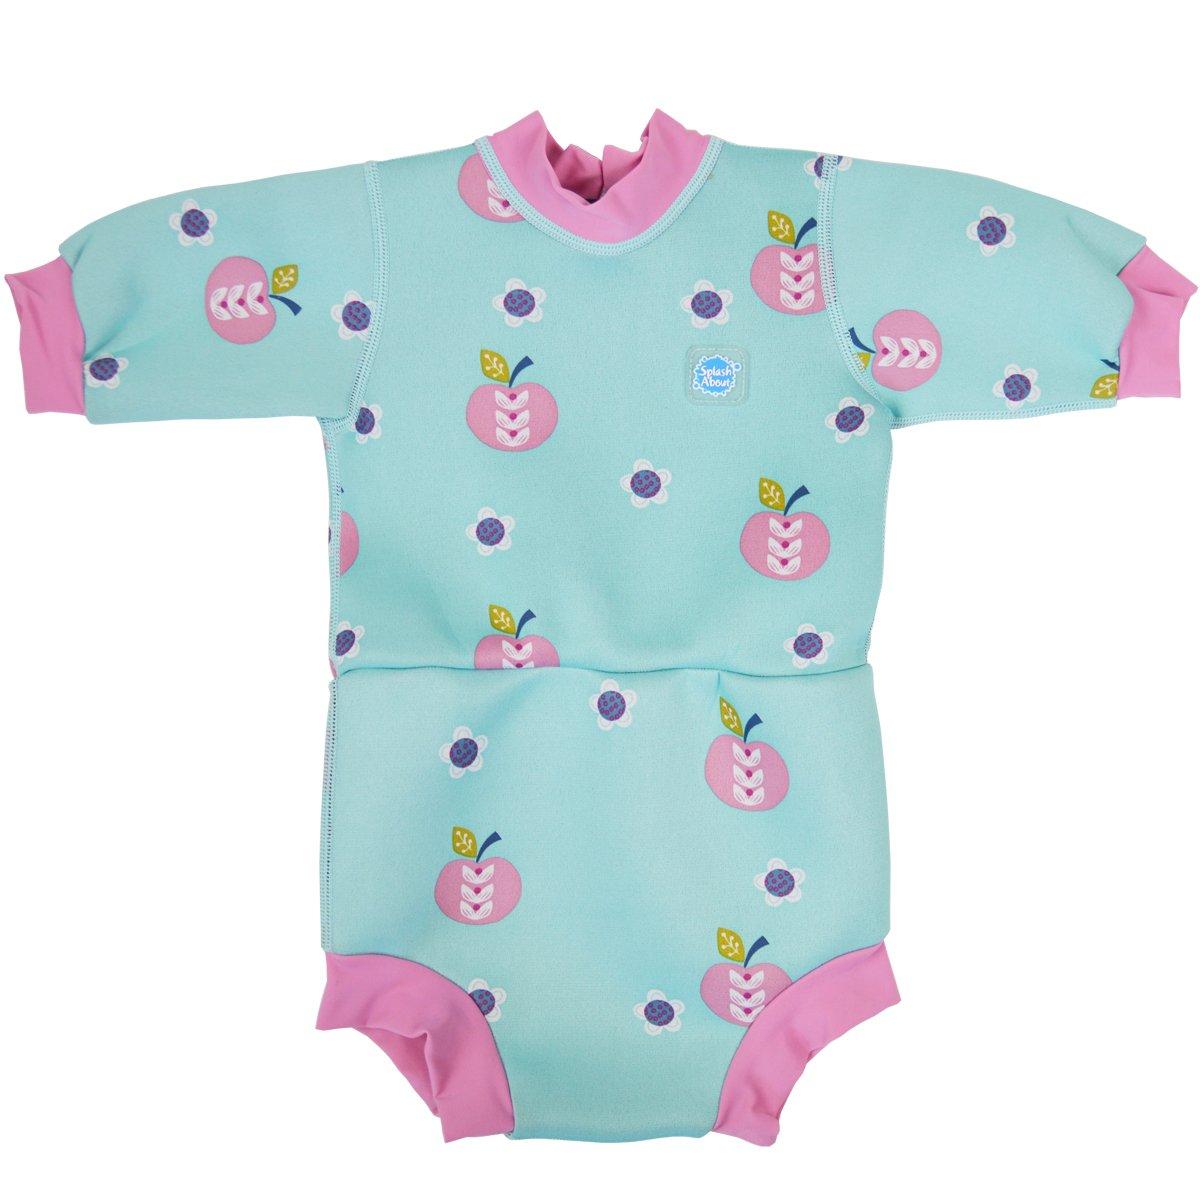 Splash About Happy Nappy - Tutina impermeabile da bambino, pannolino integrato